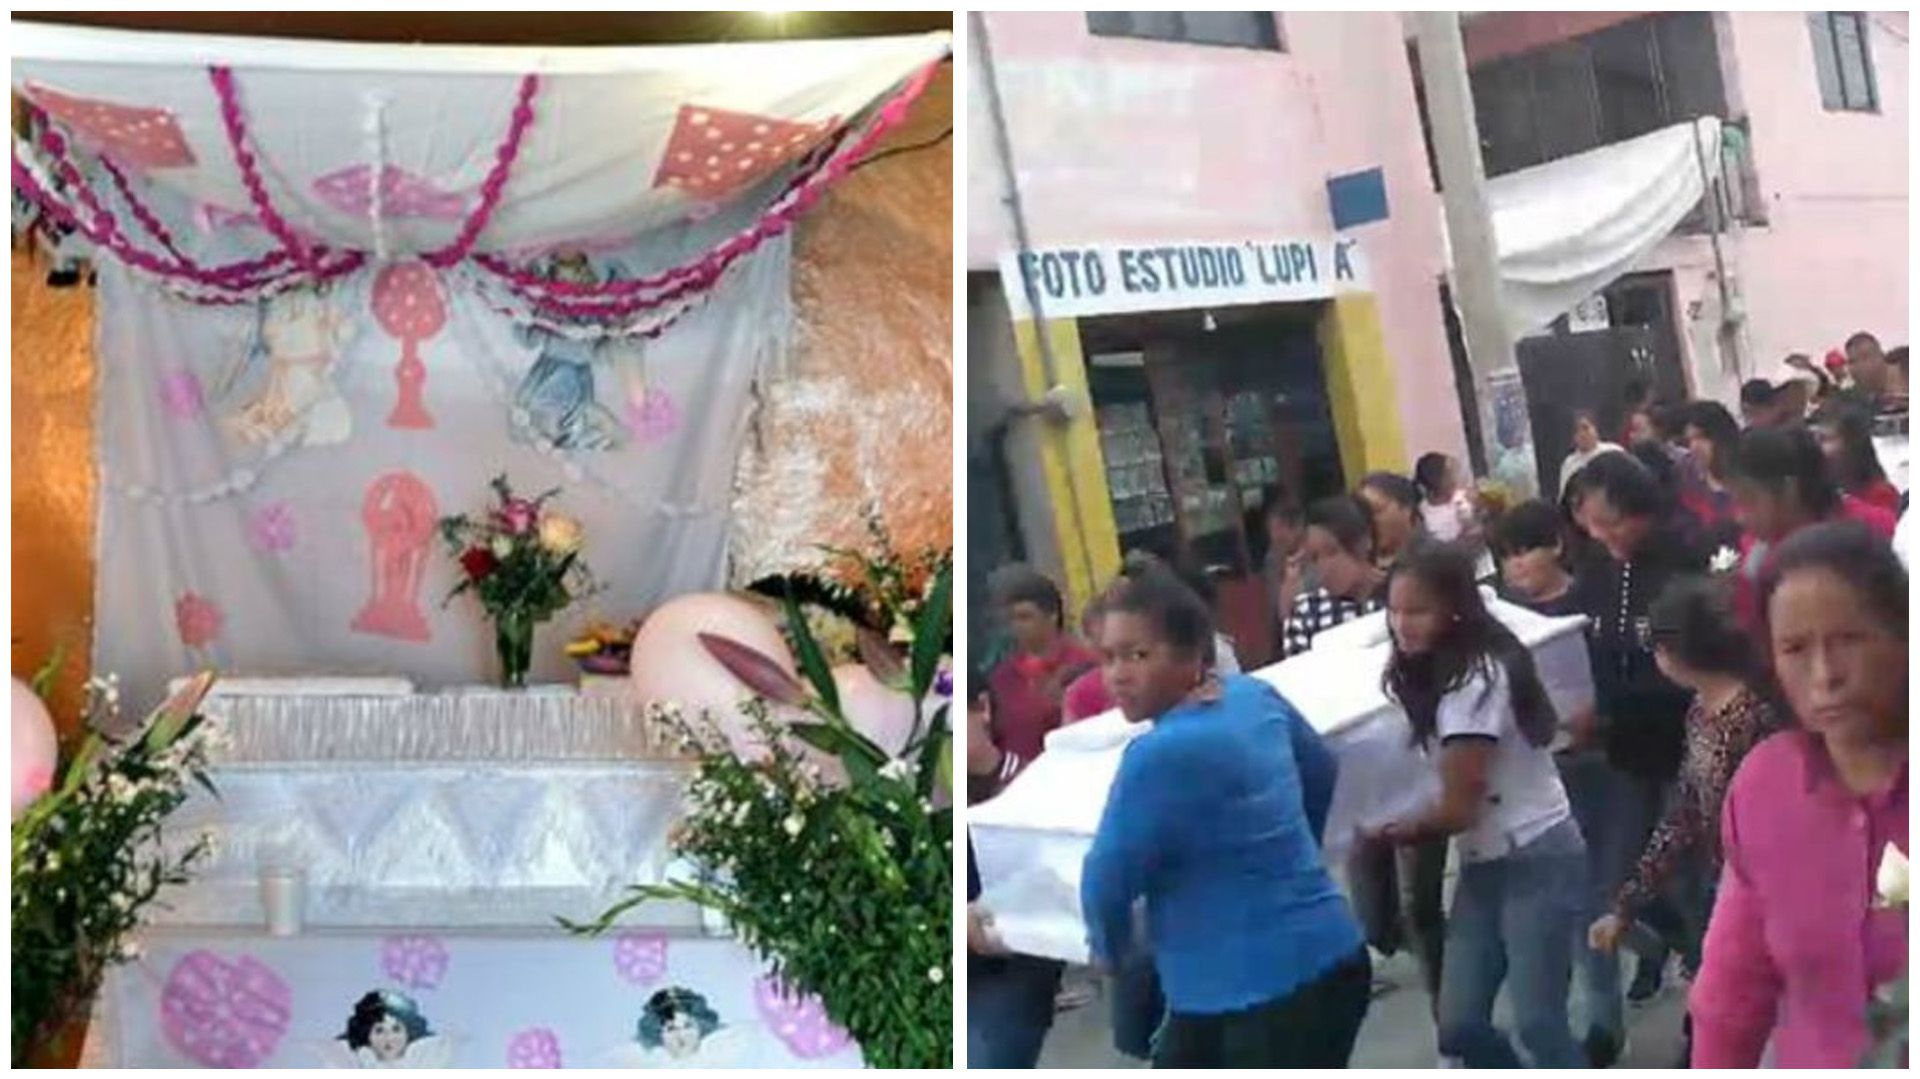 Teresitade 10 años murió a manos de su abuela el domingo por la noche, este miércoles fue enterrada por vecinos. Toda su vida sufrió maltratos ya nadie pudo rescatarla Foto: Facebook